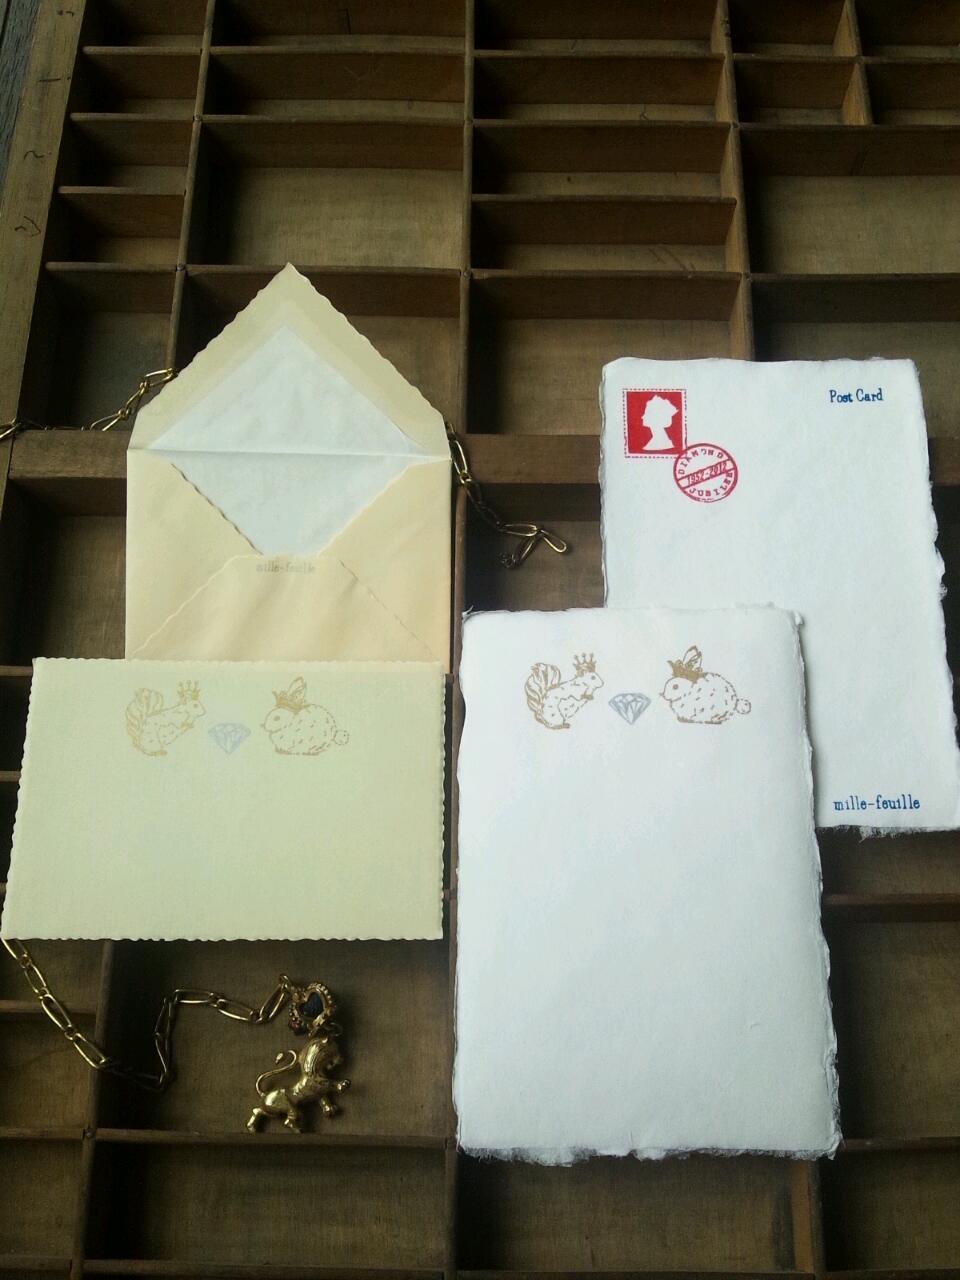 【a small shop】ダイヤモンド・ジュビリー・カード&「灰狼」入荷!ほか